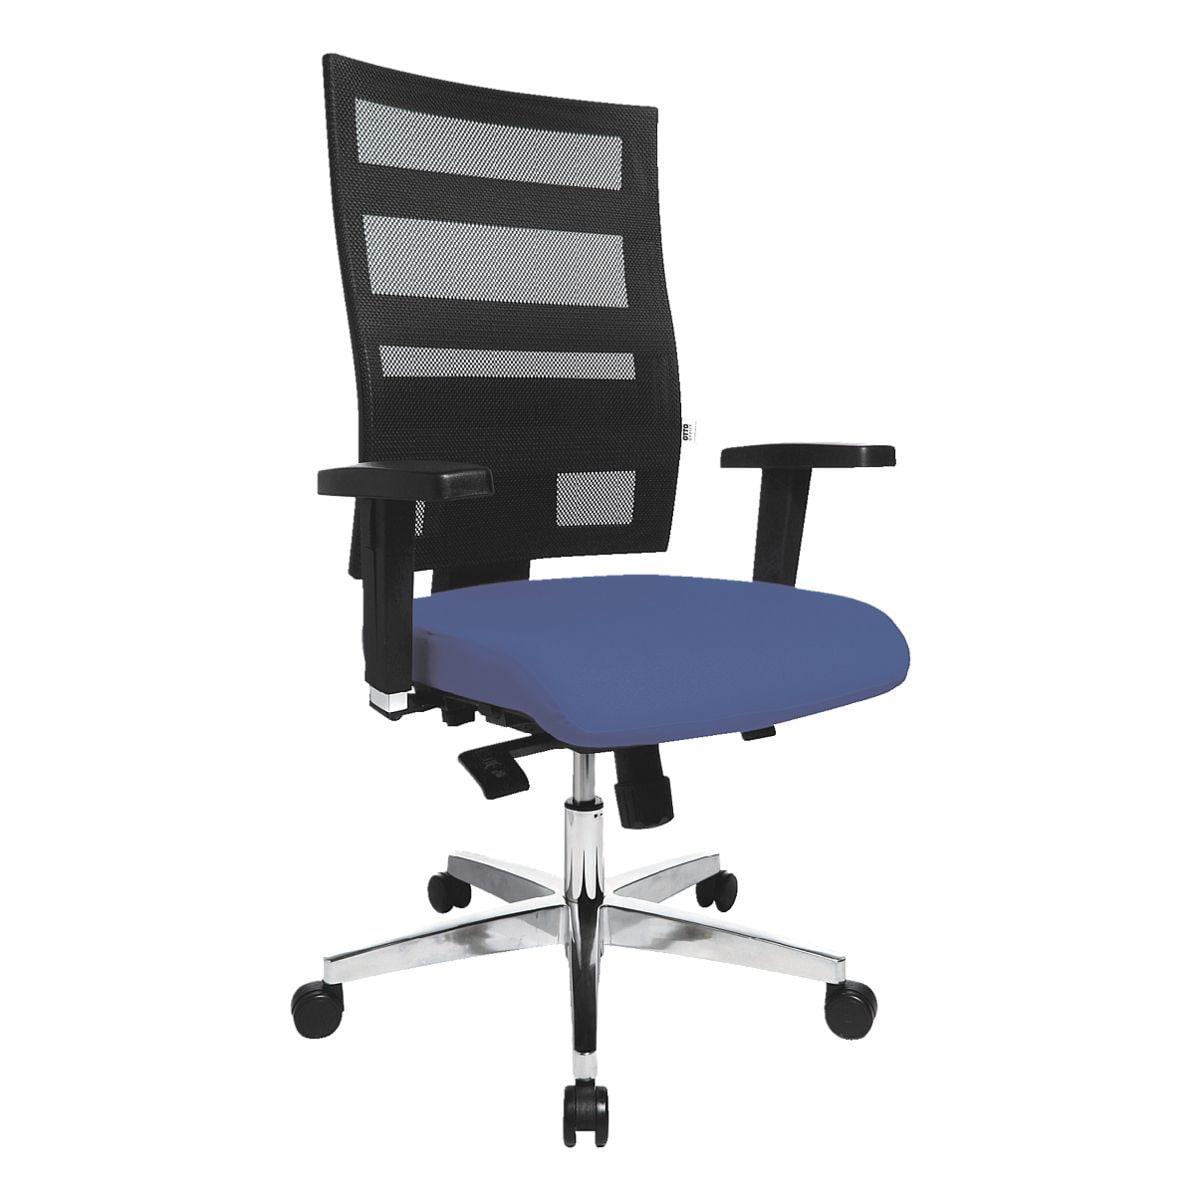 Bürostuhl OTTO Office Premium mit Armlehnen, Netzrücken schwarz